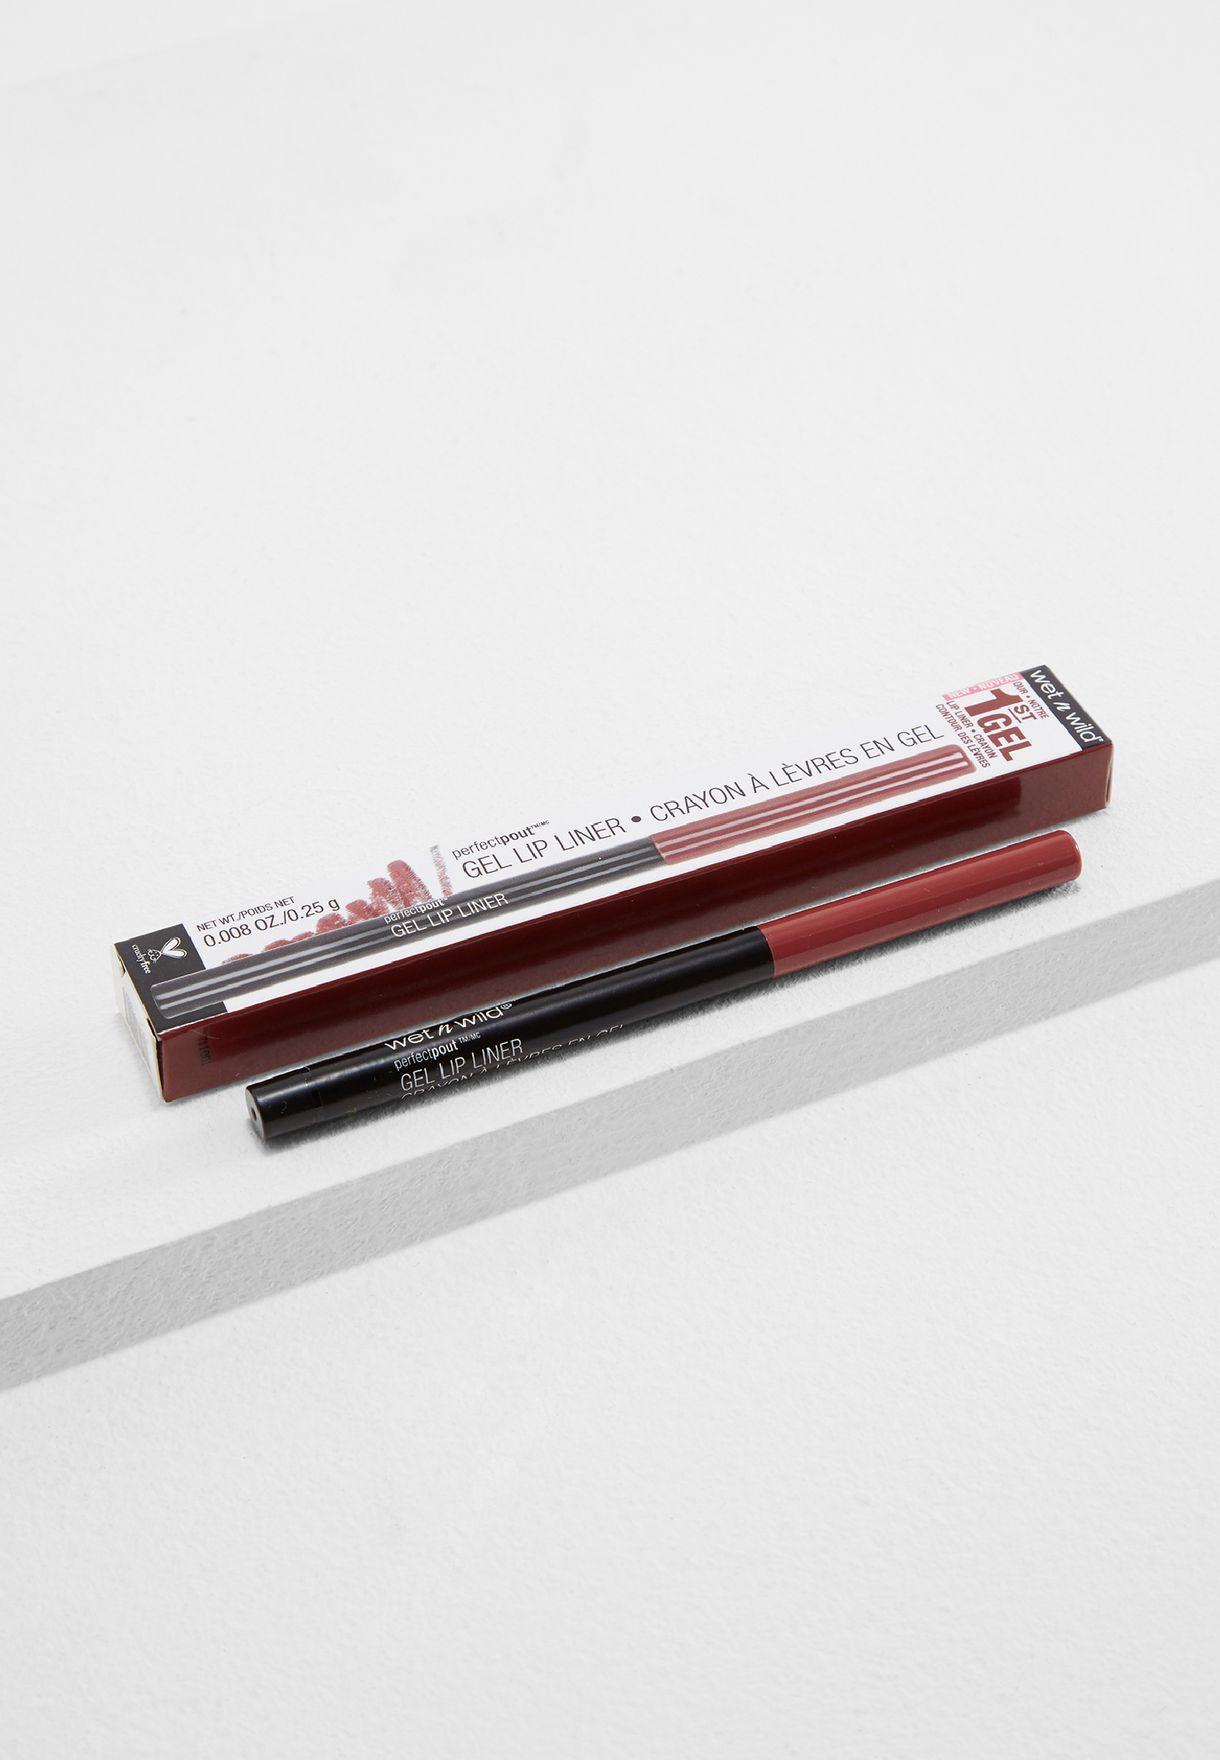 قلم تحديد شفاه جل بيرفكت باوت - جون برغندي